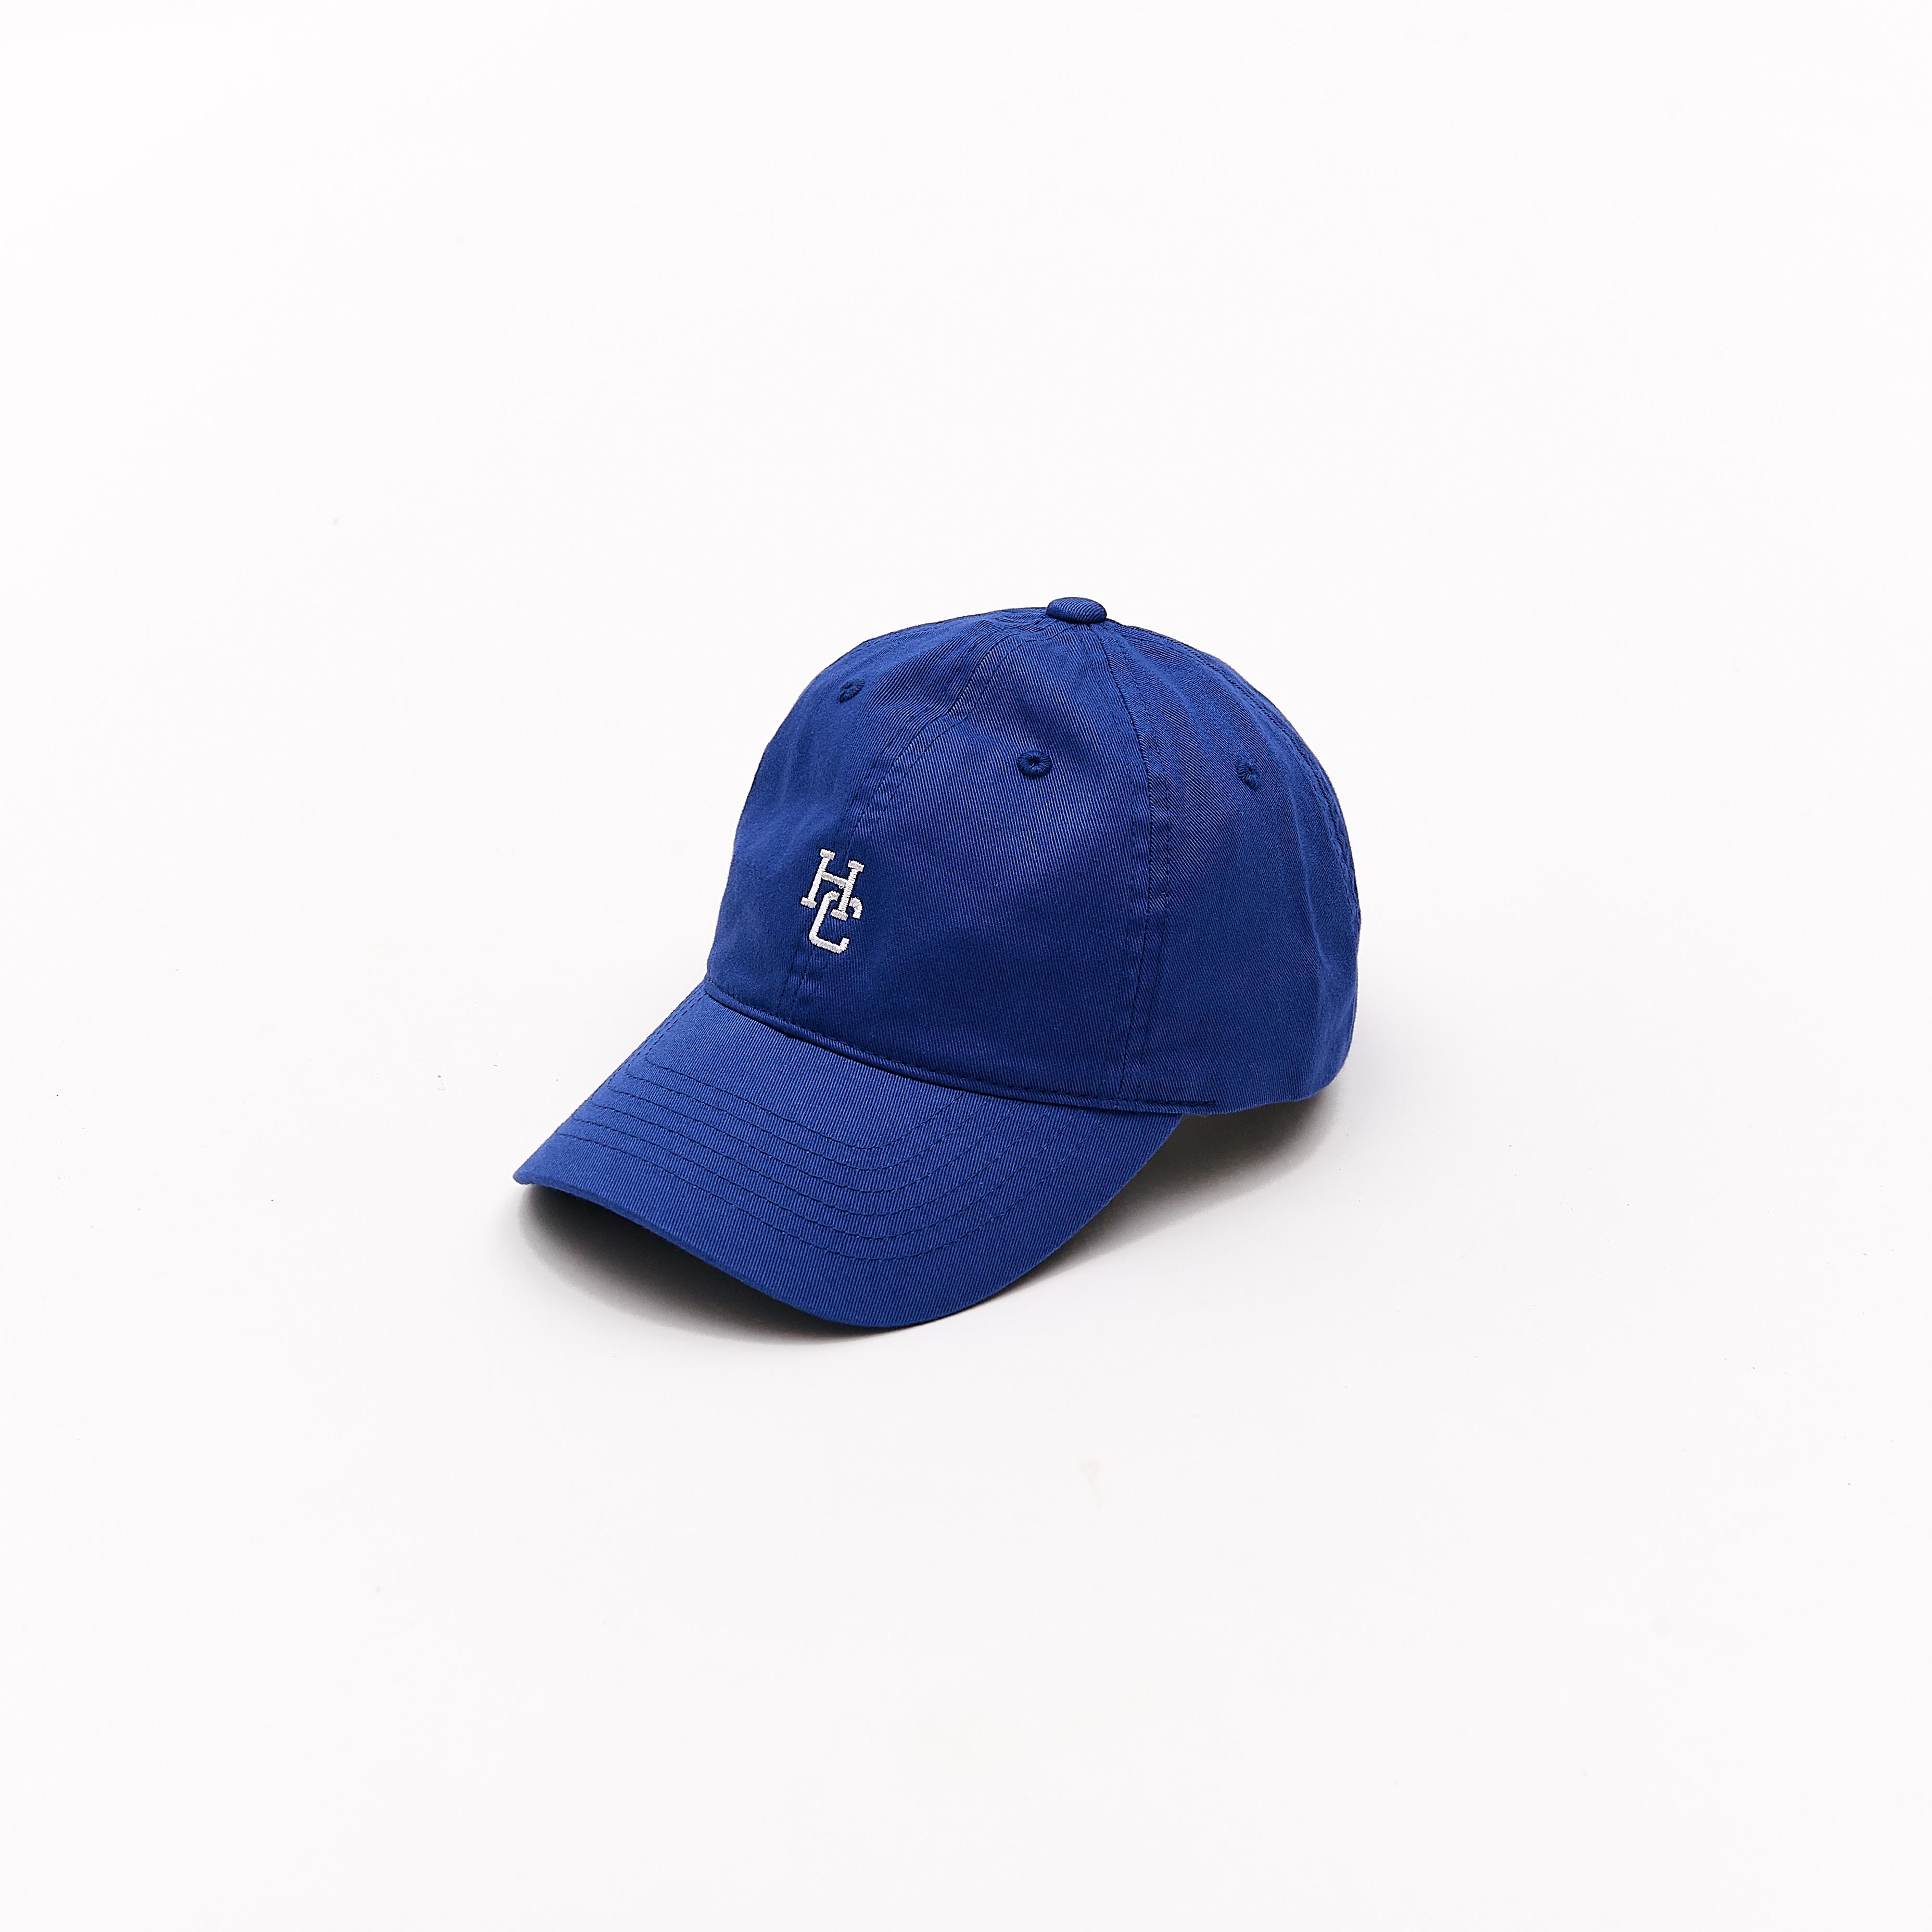 HCBall-Cap-Blue-2